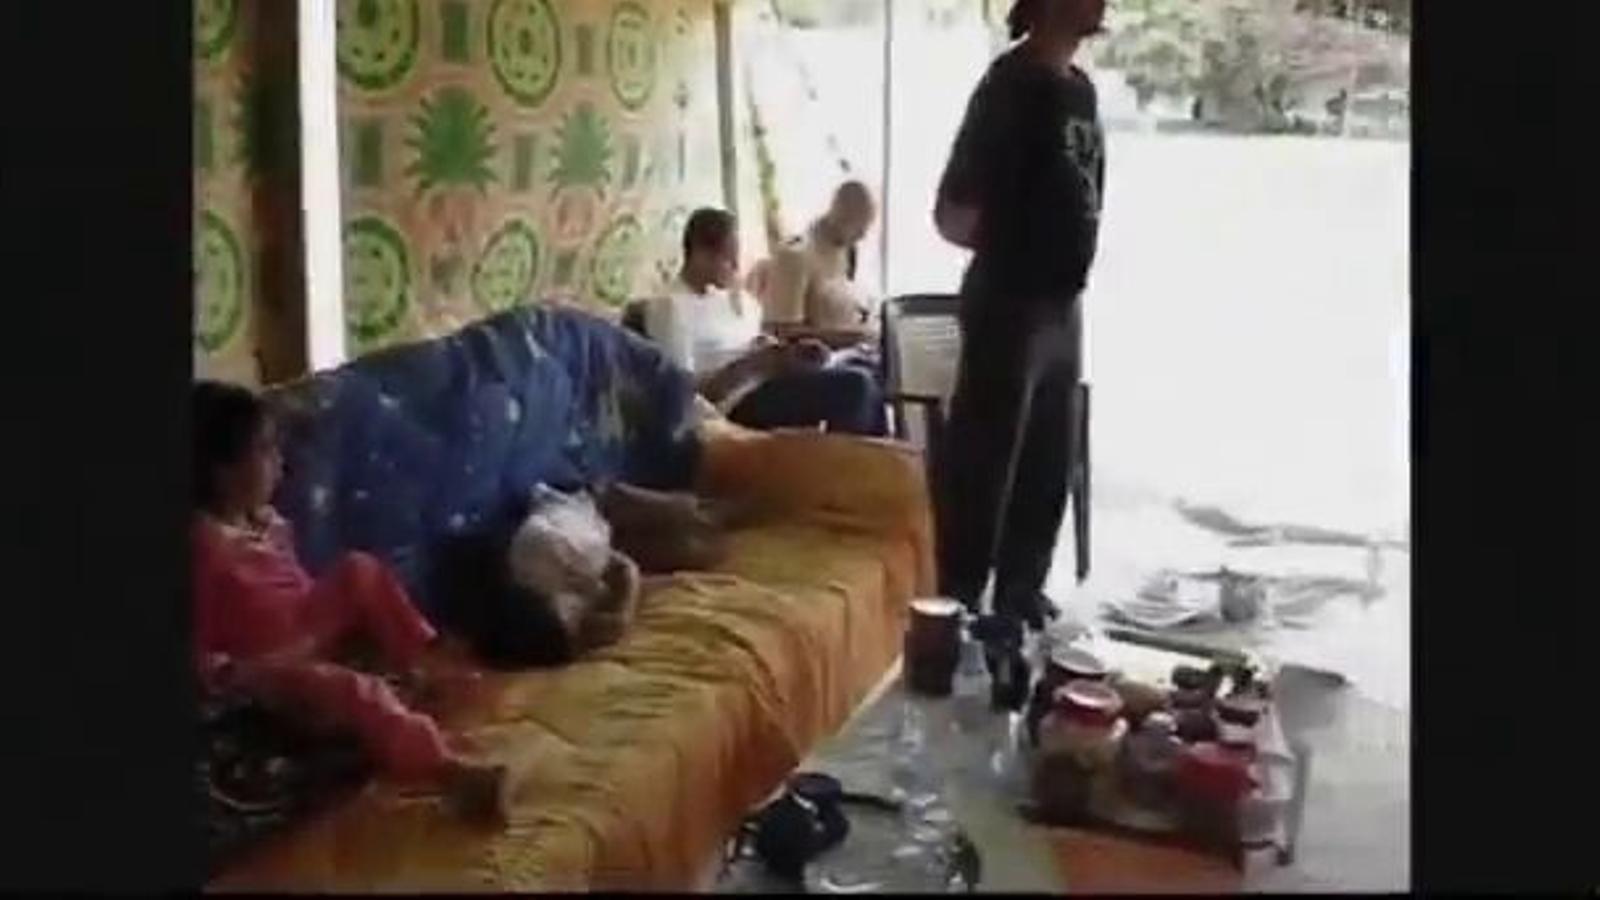 Escenes casolanes del dictador libi, Muammar al-Gaddafi, amb els seus néts